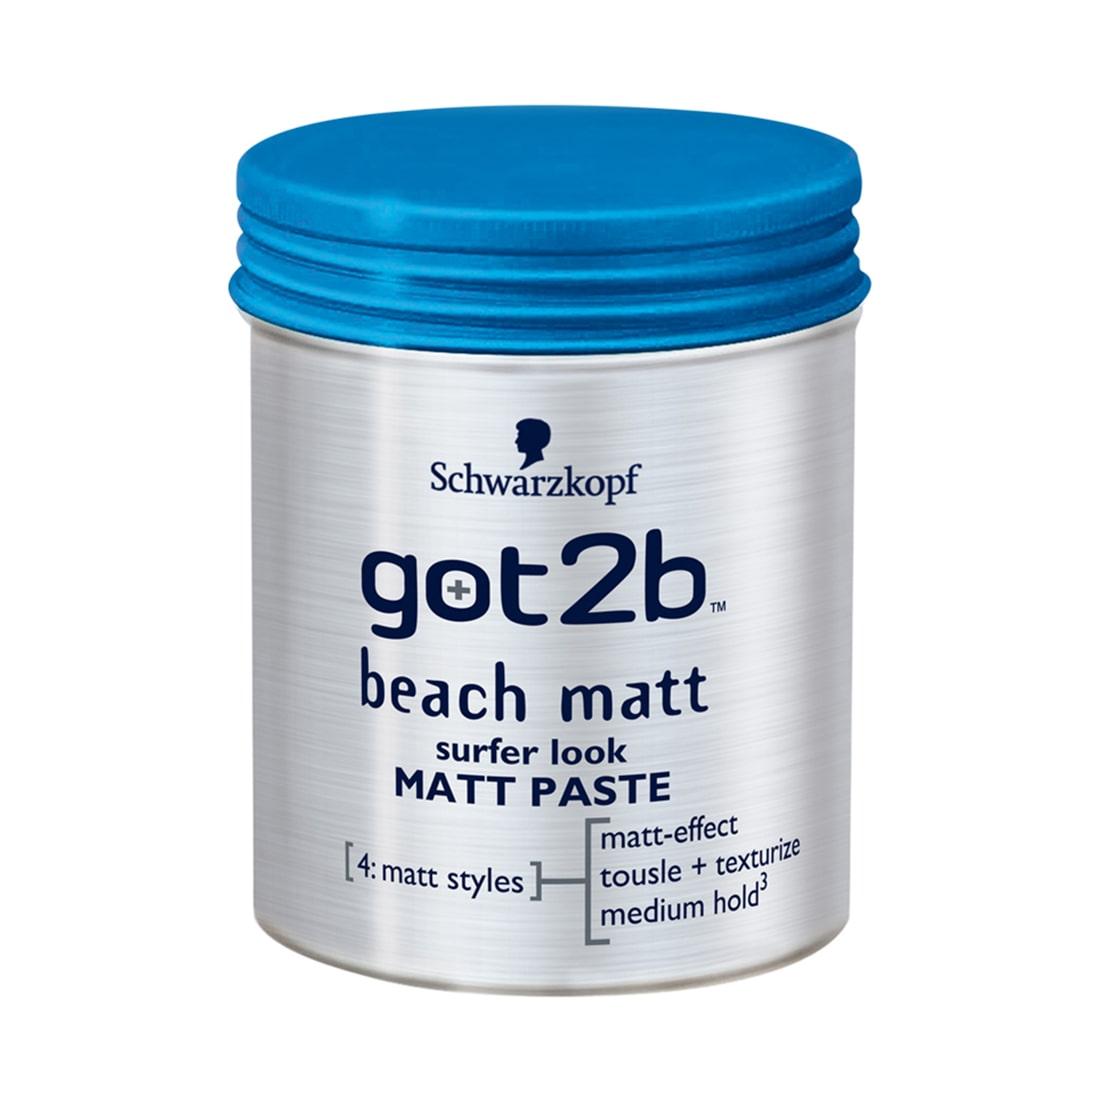 Κρέμα Διαμόρφωσης Matt Paste Beach 100ml